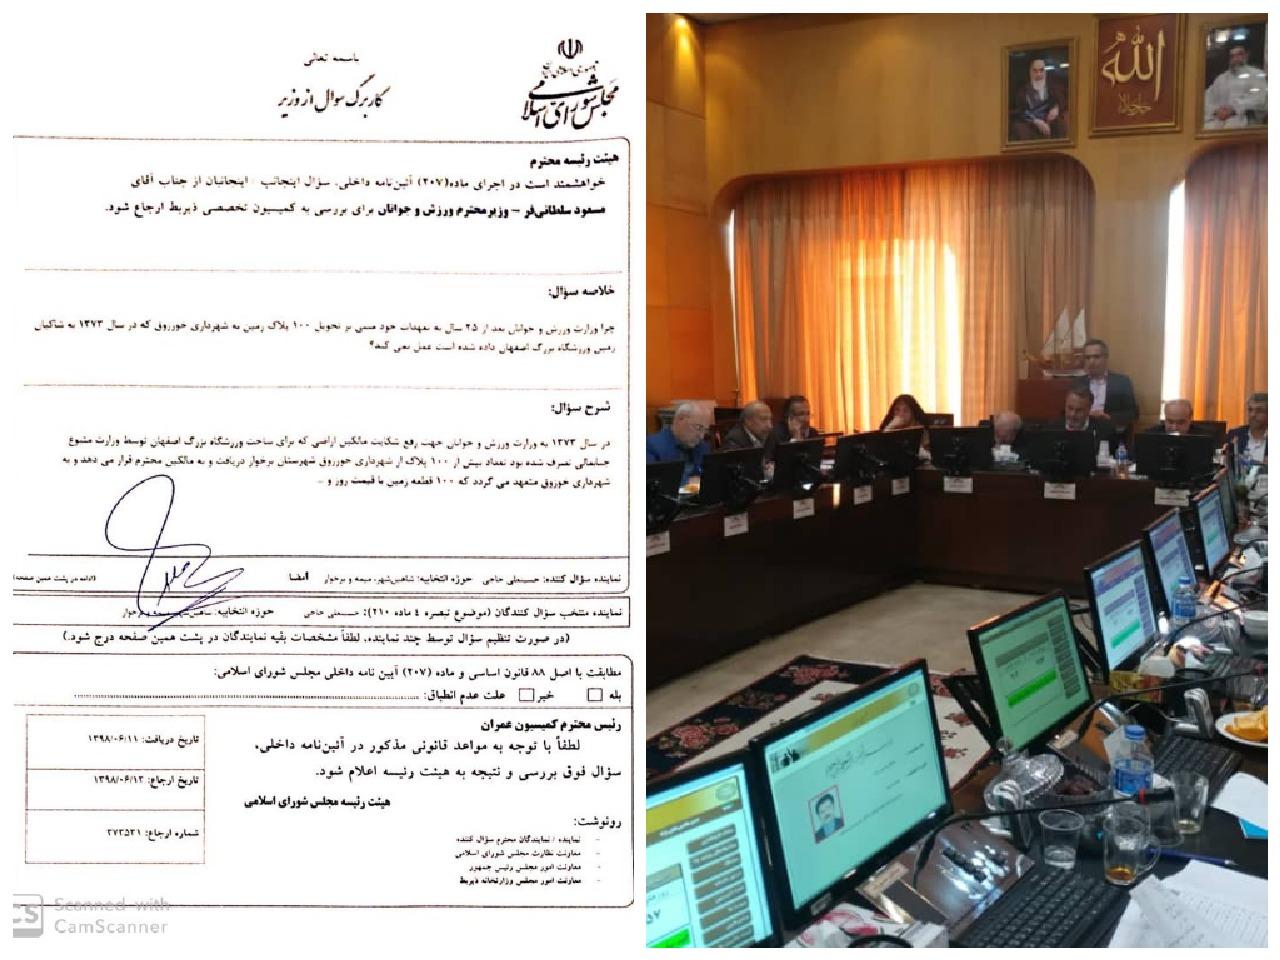 📌مهلت یک هفته ای به وزیر ورزش و جوانان در خصوص عدم اقدام دولت در تحویل ۱۰۰ پلاک زمین معوض شاکیان زمین ورزشگاه بزرگ اصفهان